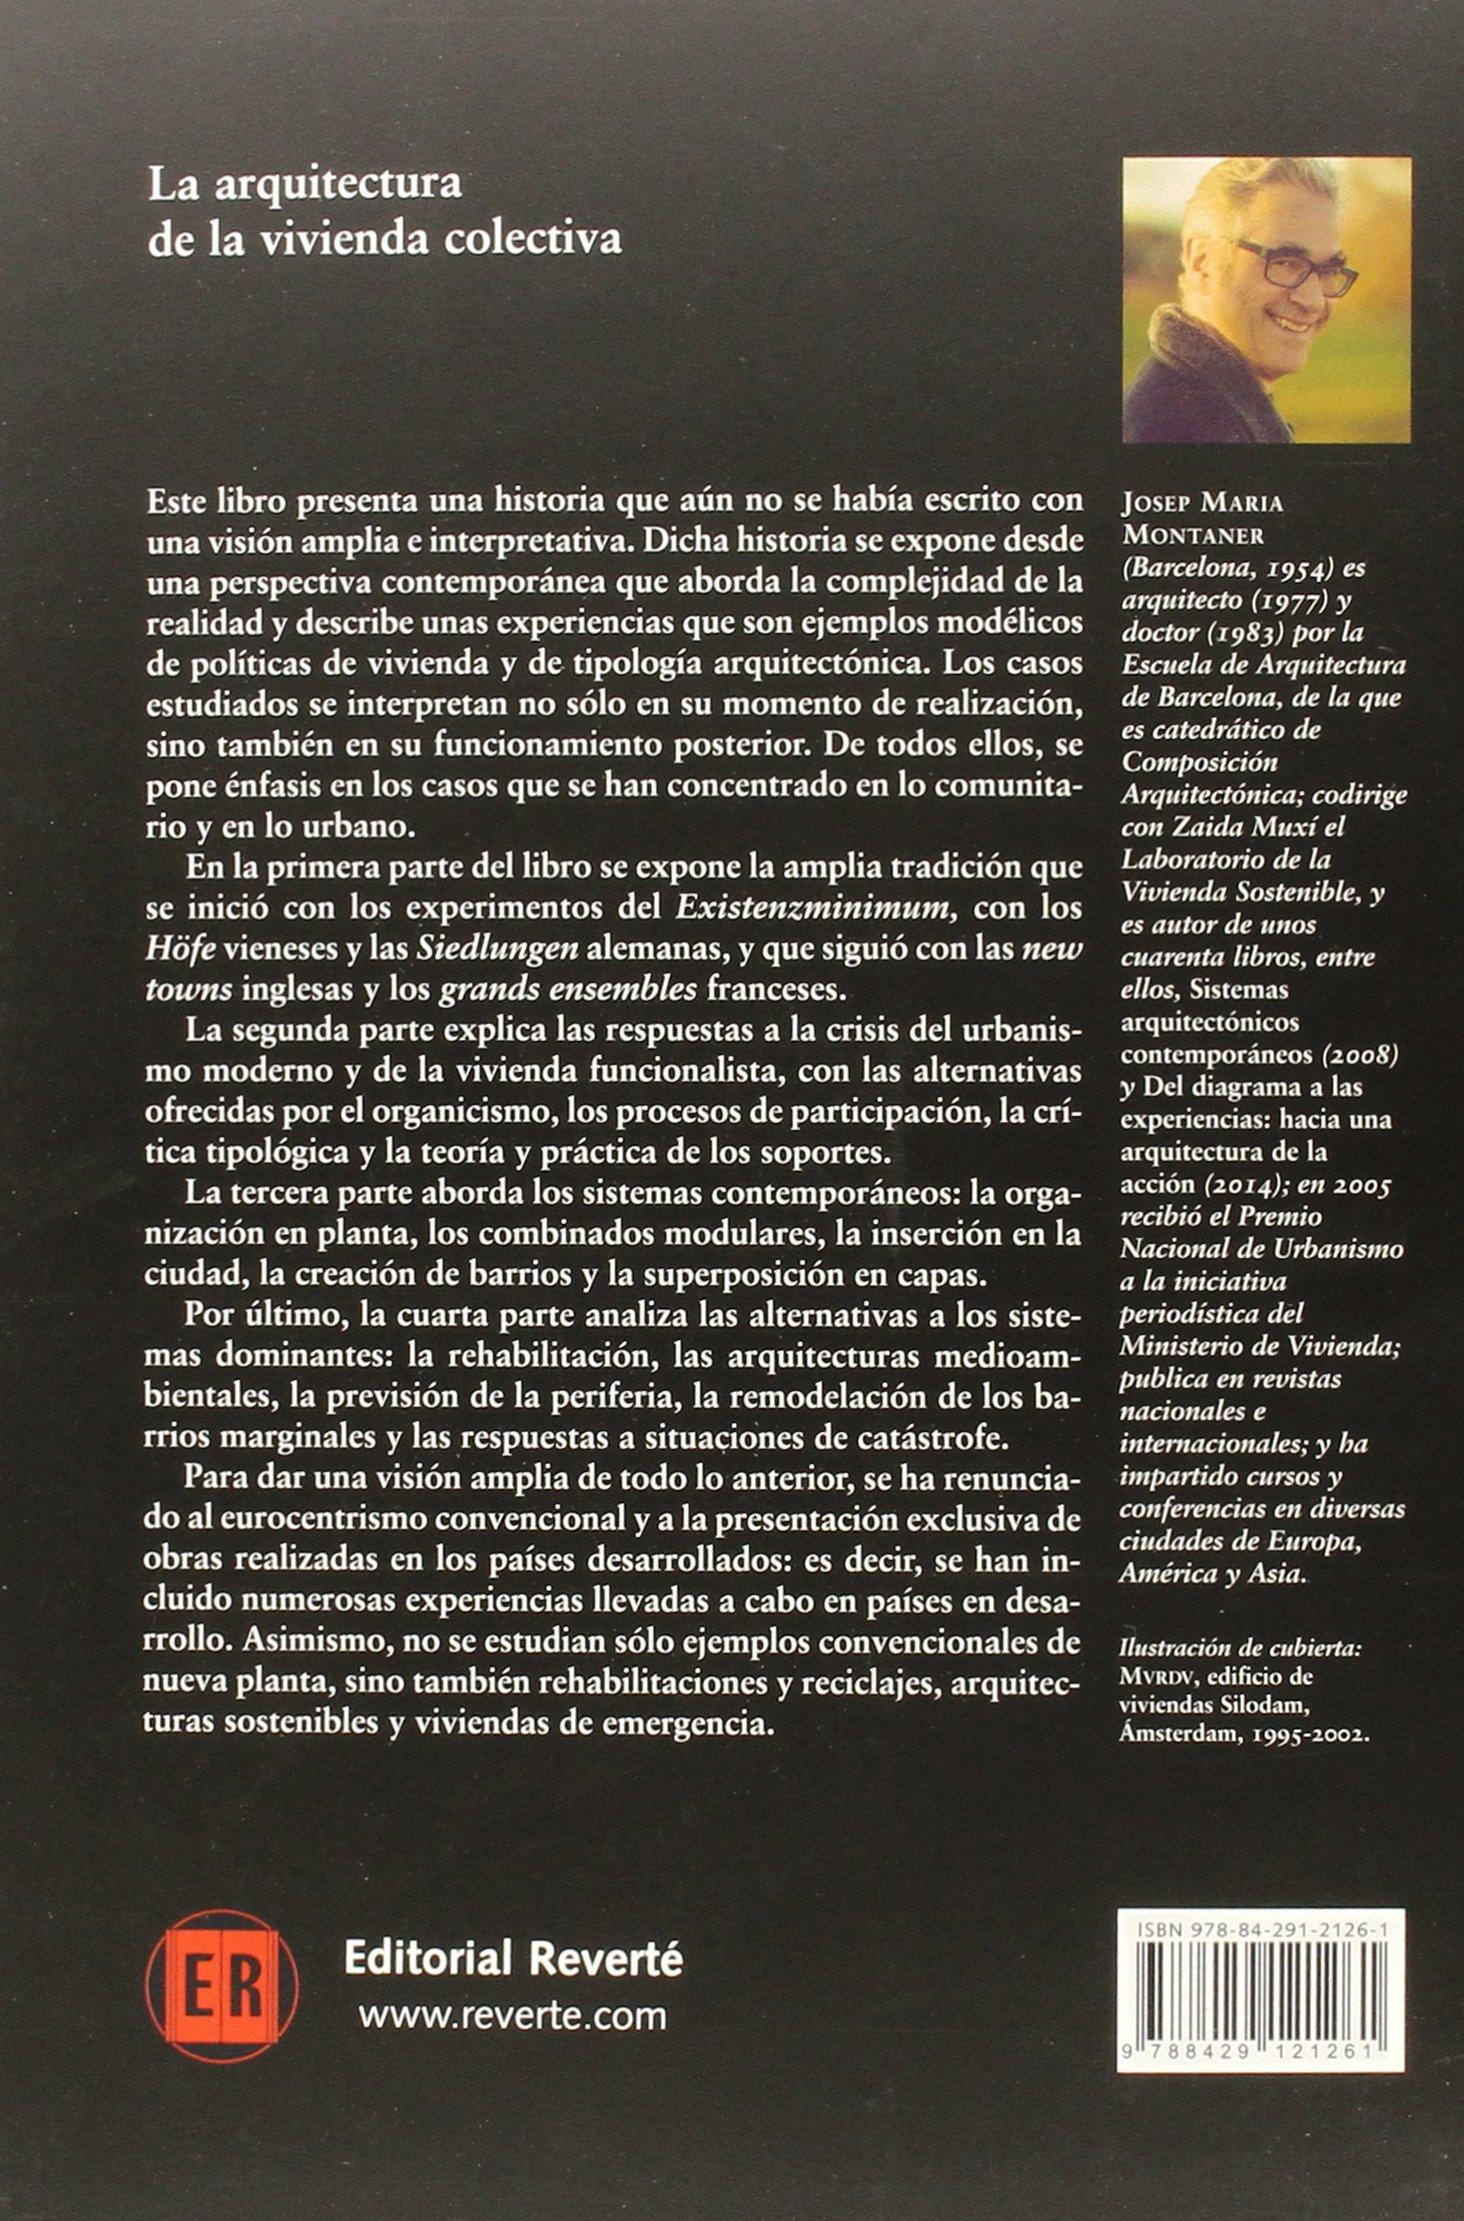 La arquitectura de la vivienda colectiva Estudios Universitarios de Arquitectura: Amazon.es: Montaner, Josep Maria: Libros